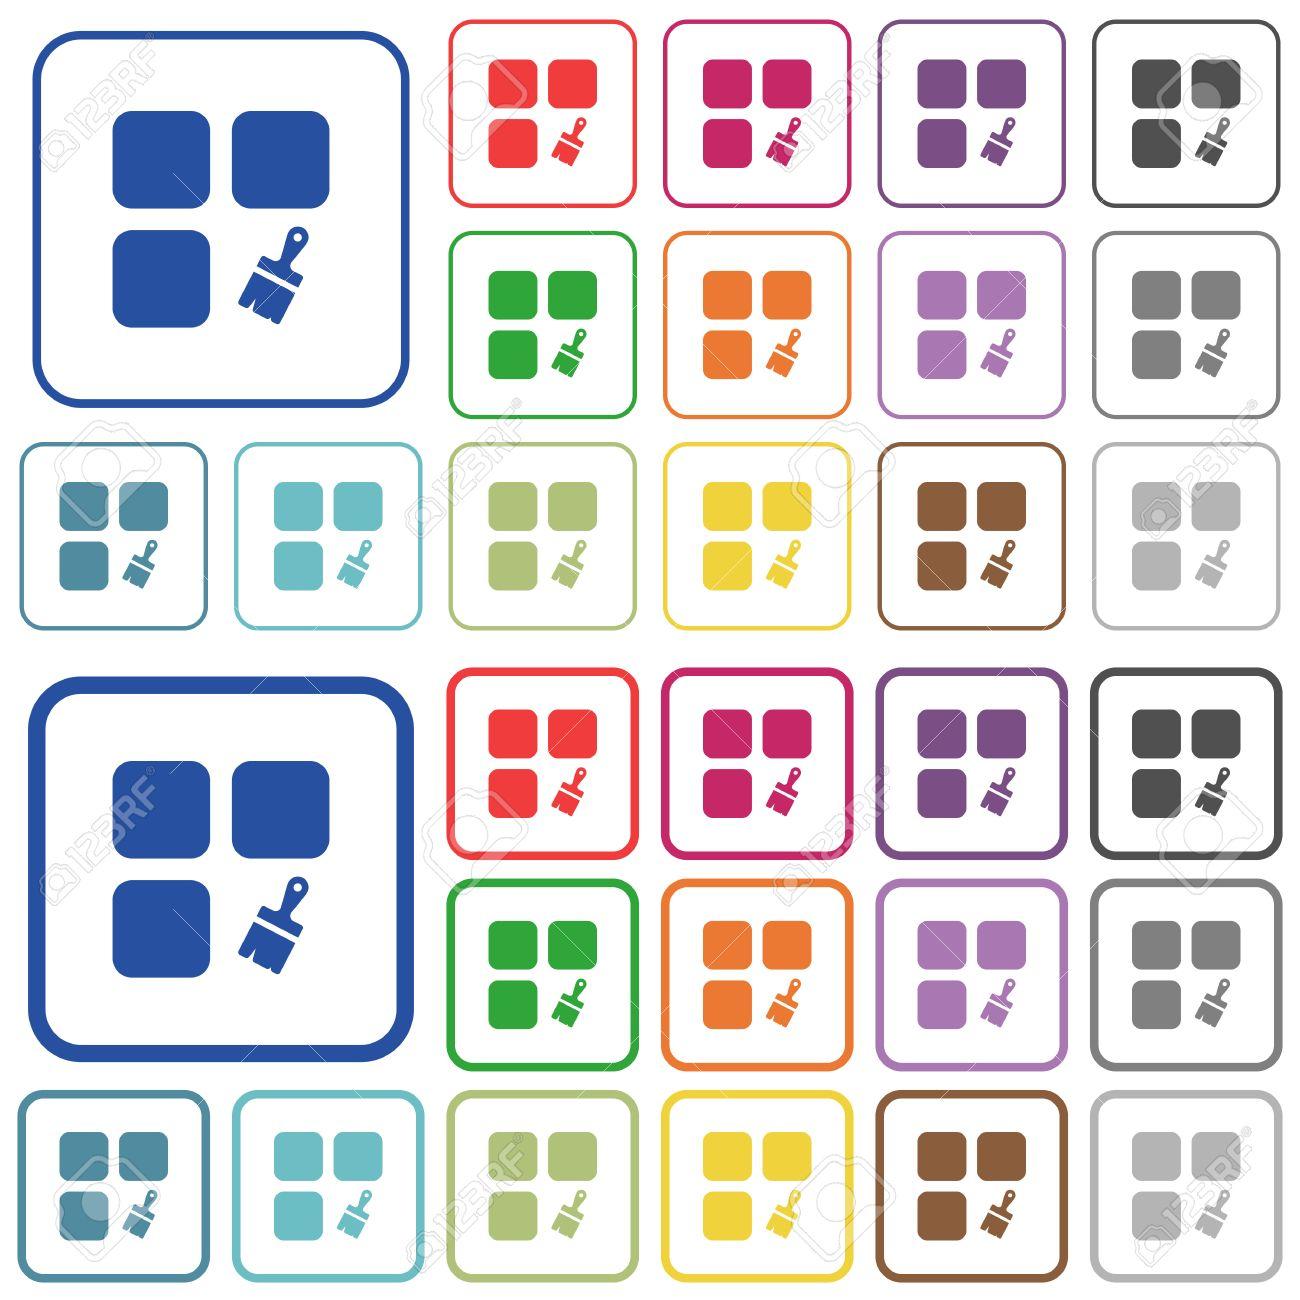 Ungewöhnlich Symbole Für Komponenten Bilder - Der Schaltplan ...